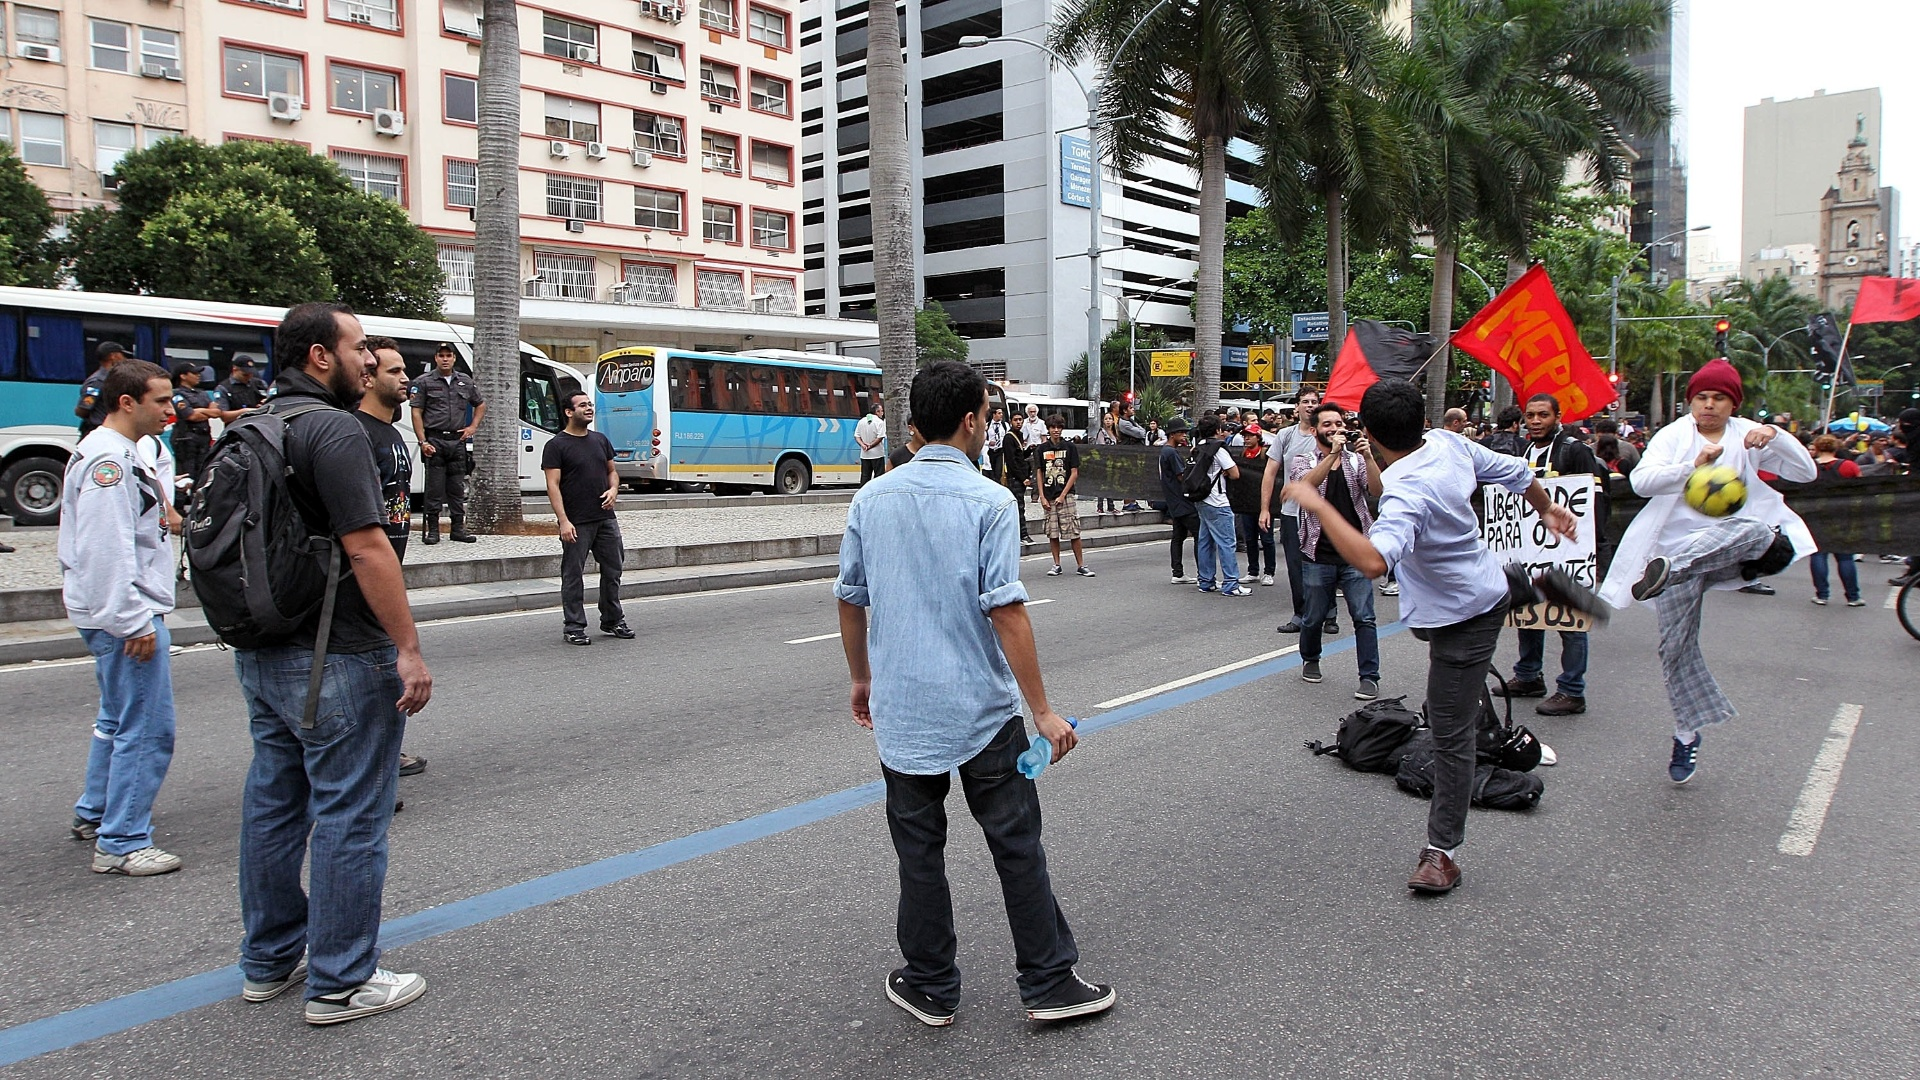 31.out.2013 - Manifestantes jogam bola durante o ato